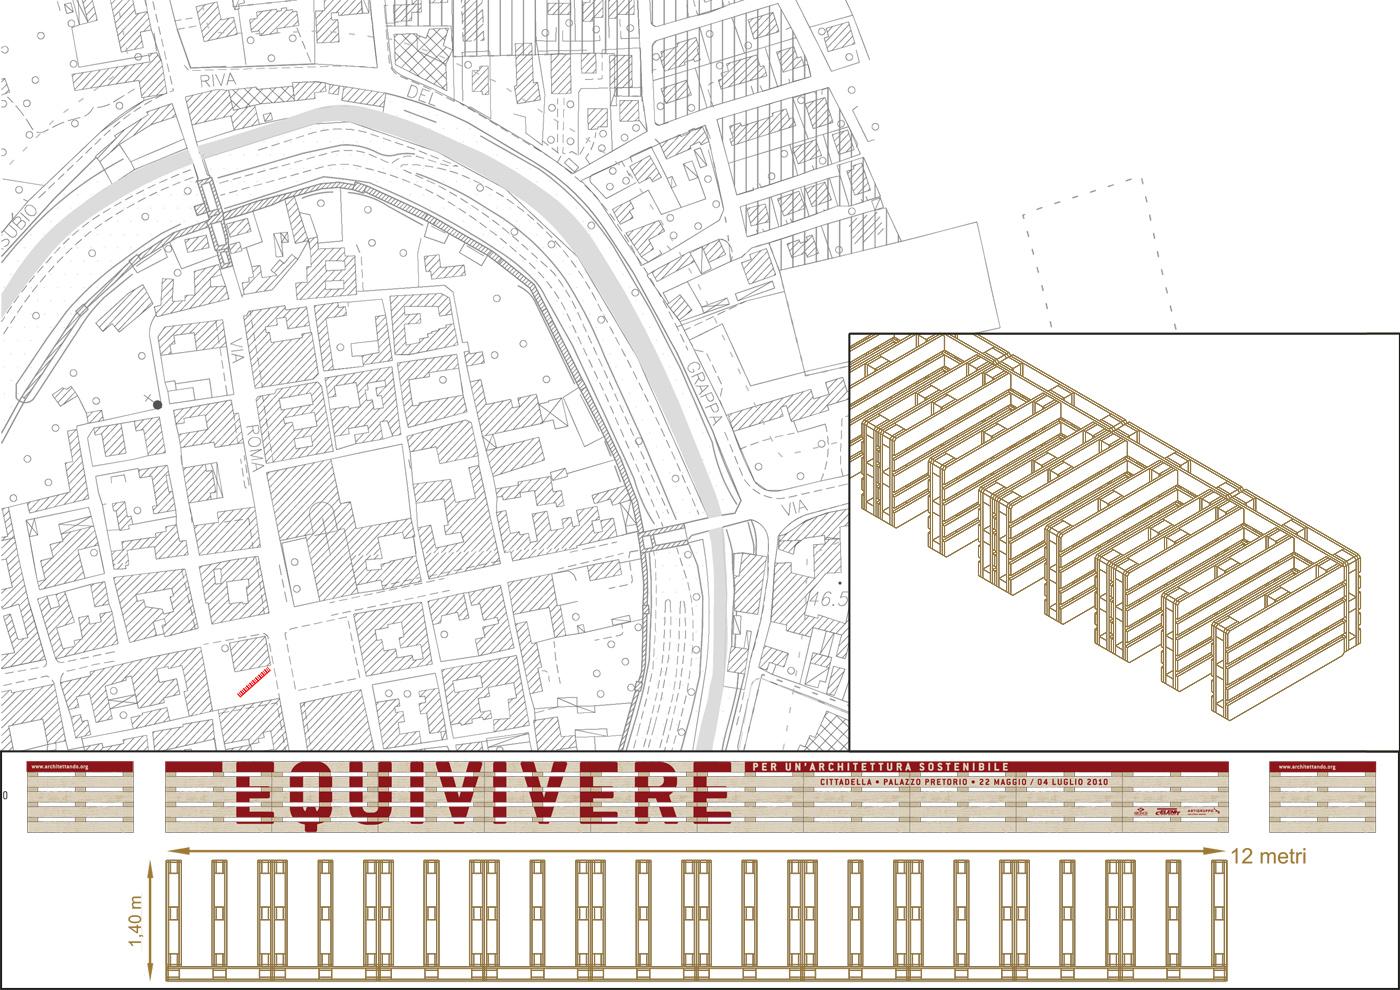 Installazioni urbane per una rassegna sulla sostenibilità. La diga porta-bici, il progetto | Bottega di Architettura